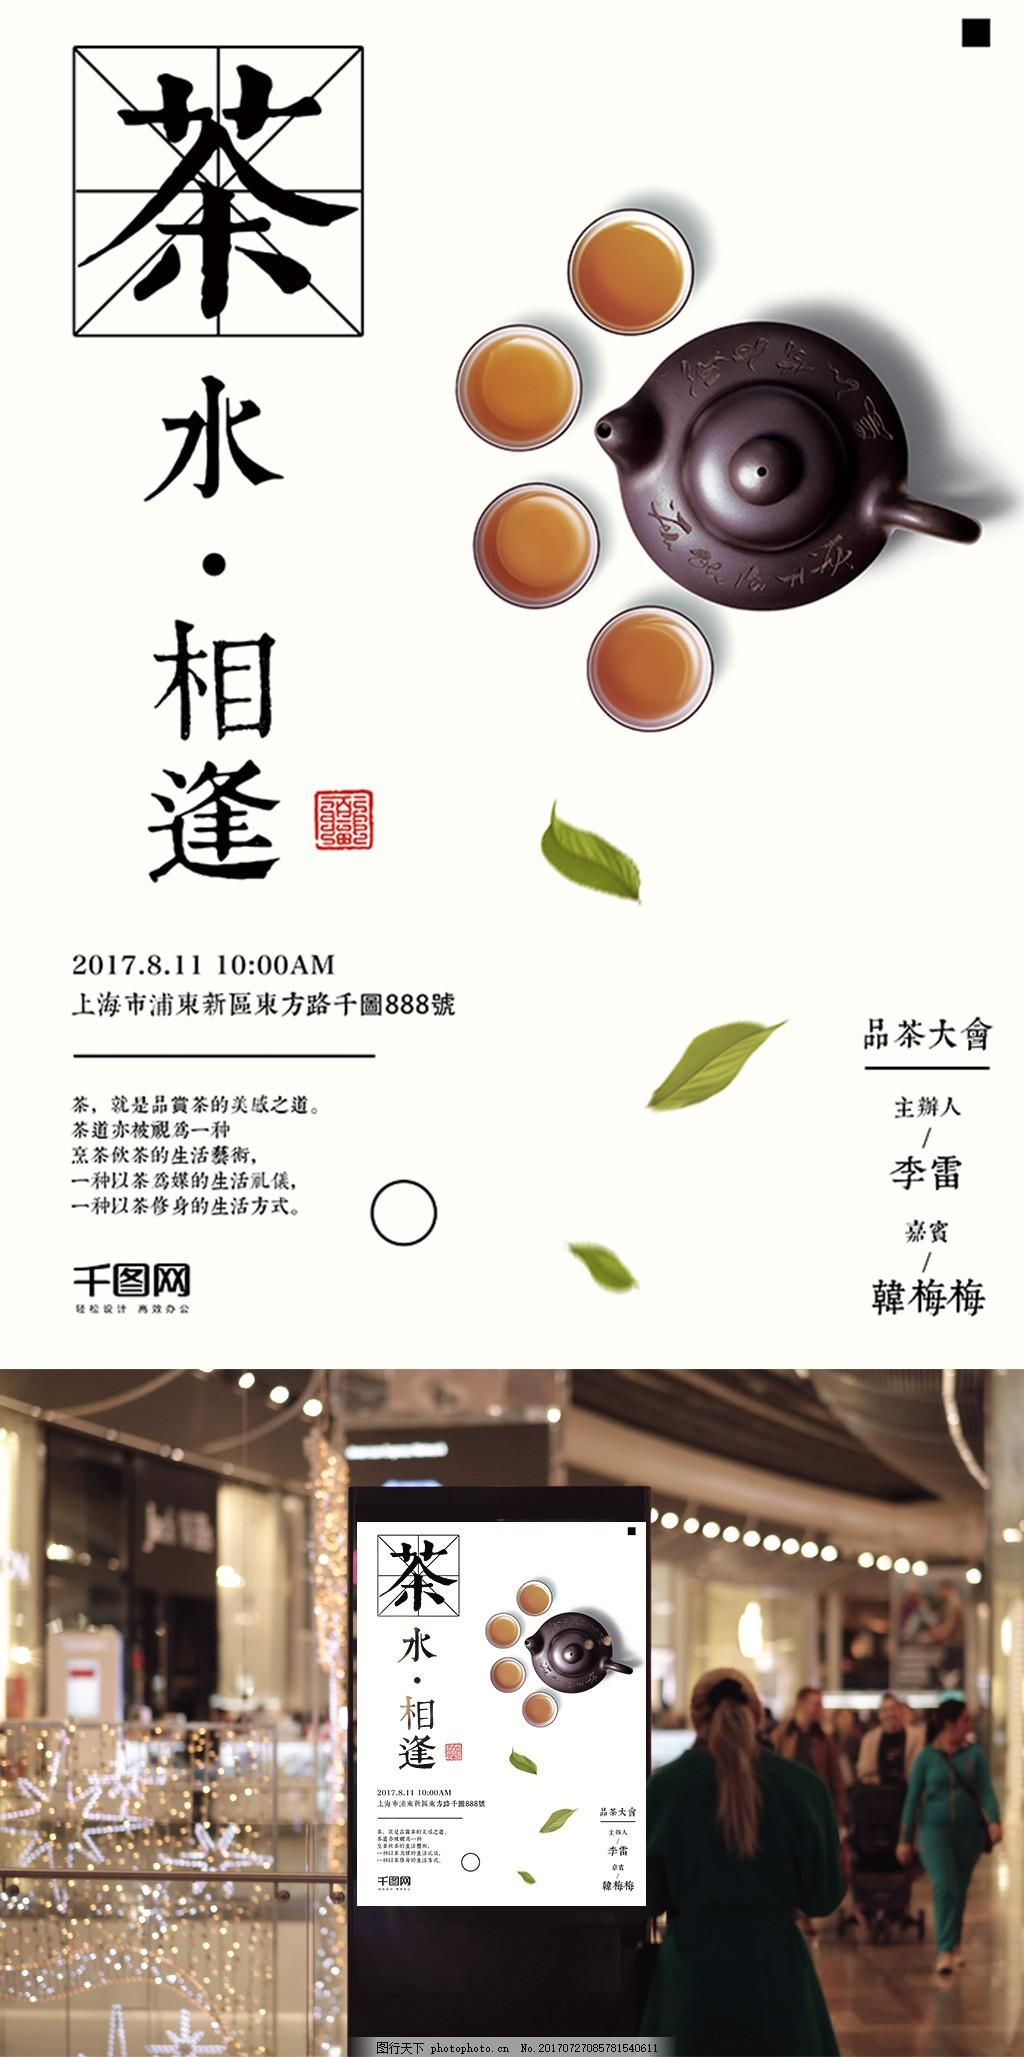 简约禅意中国风茶叶茶水会商业海报设计